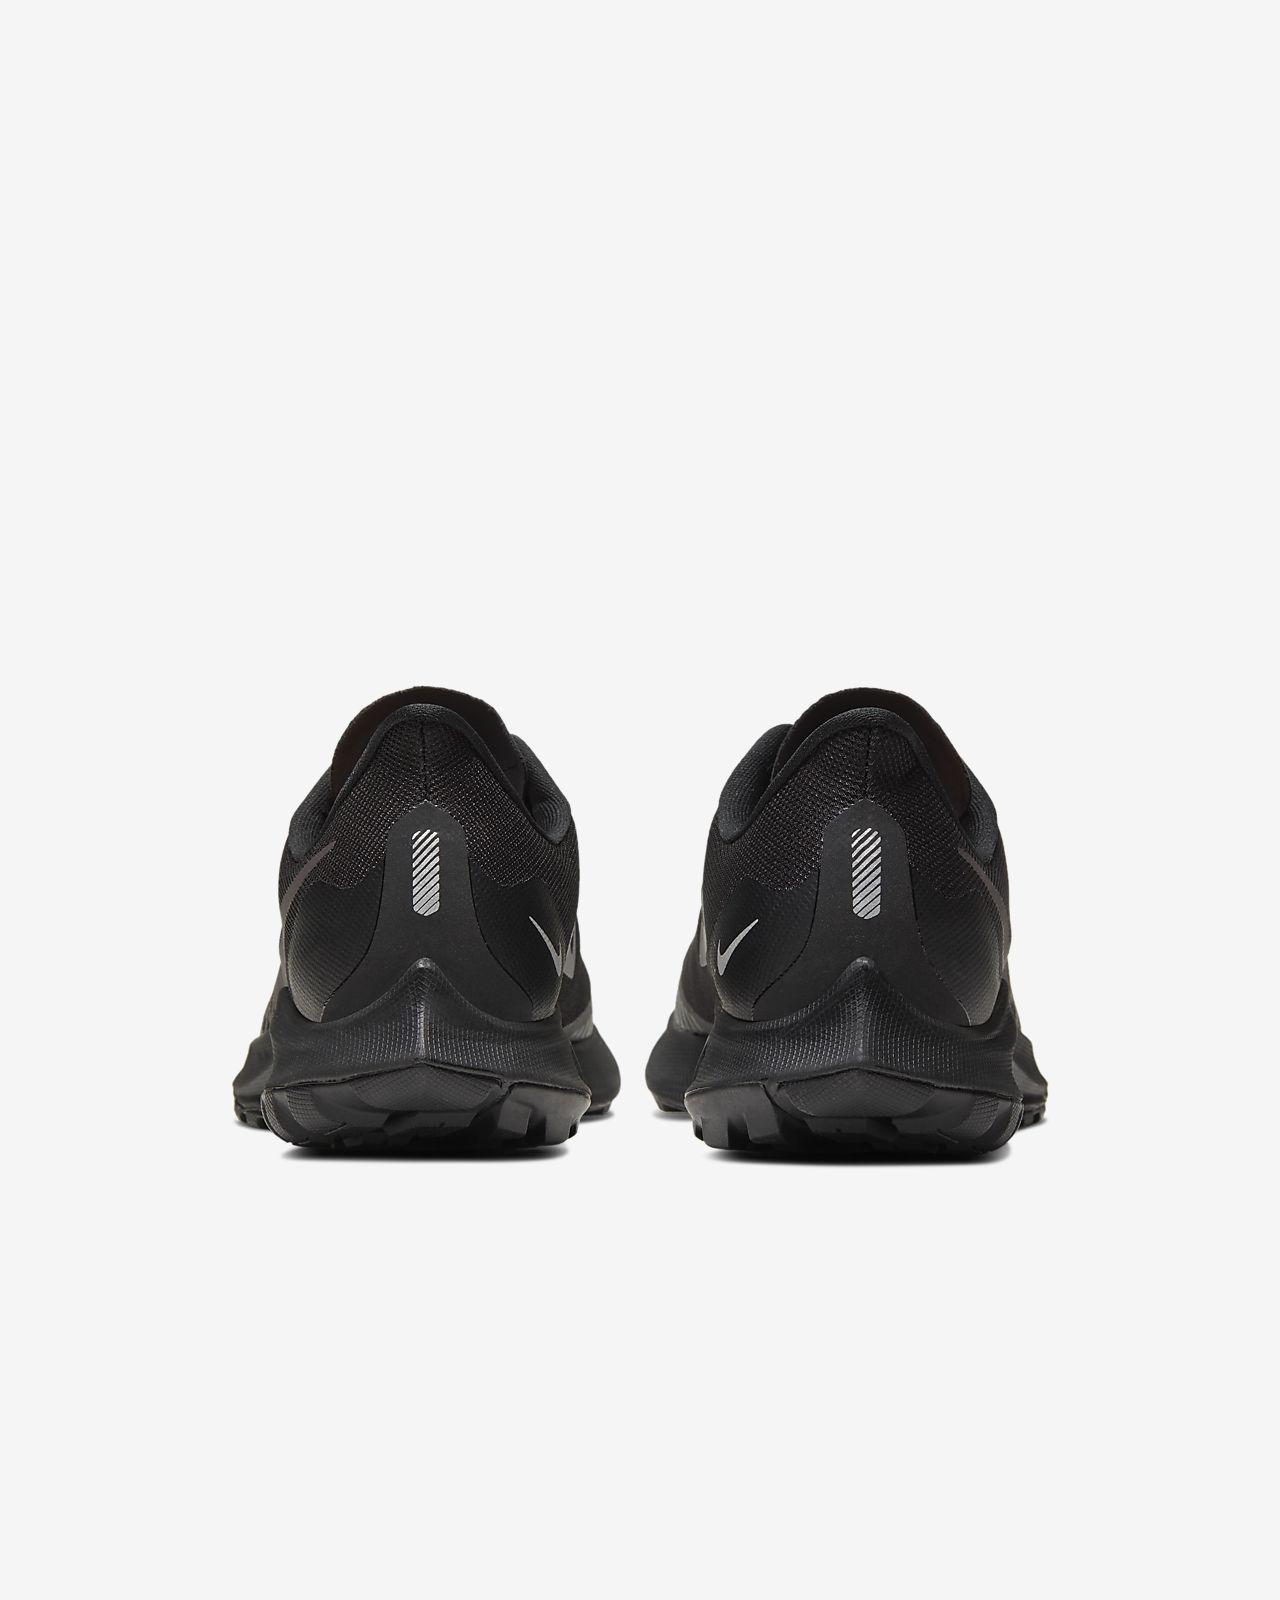 zapatillas nike goretex mujer